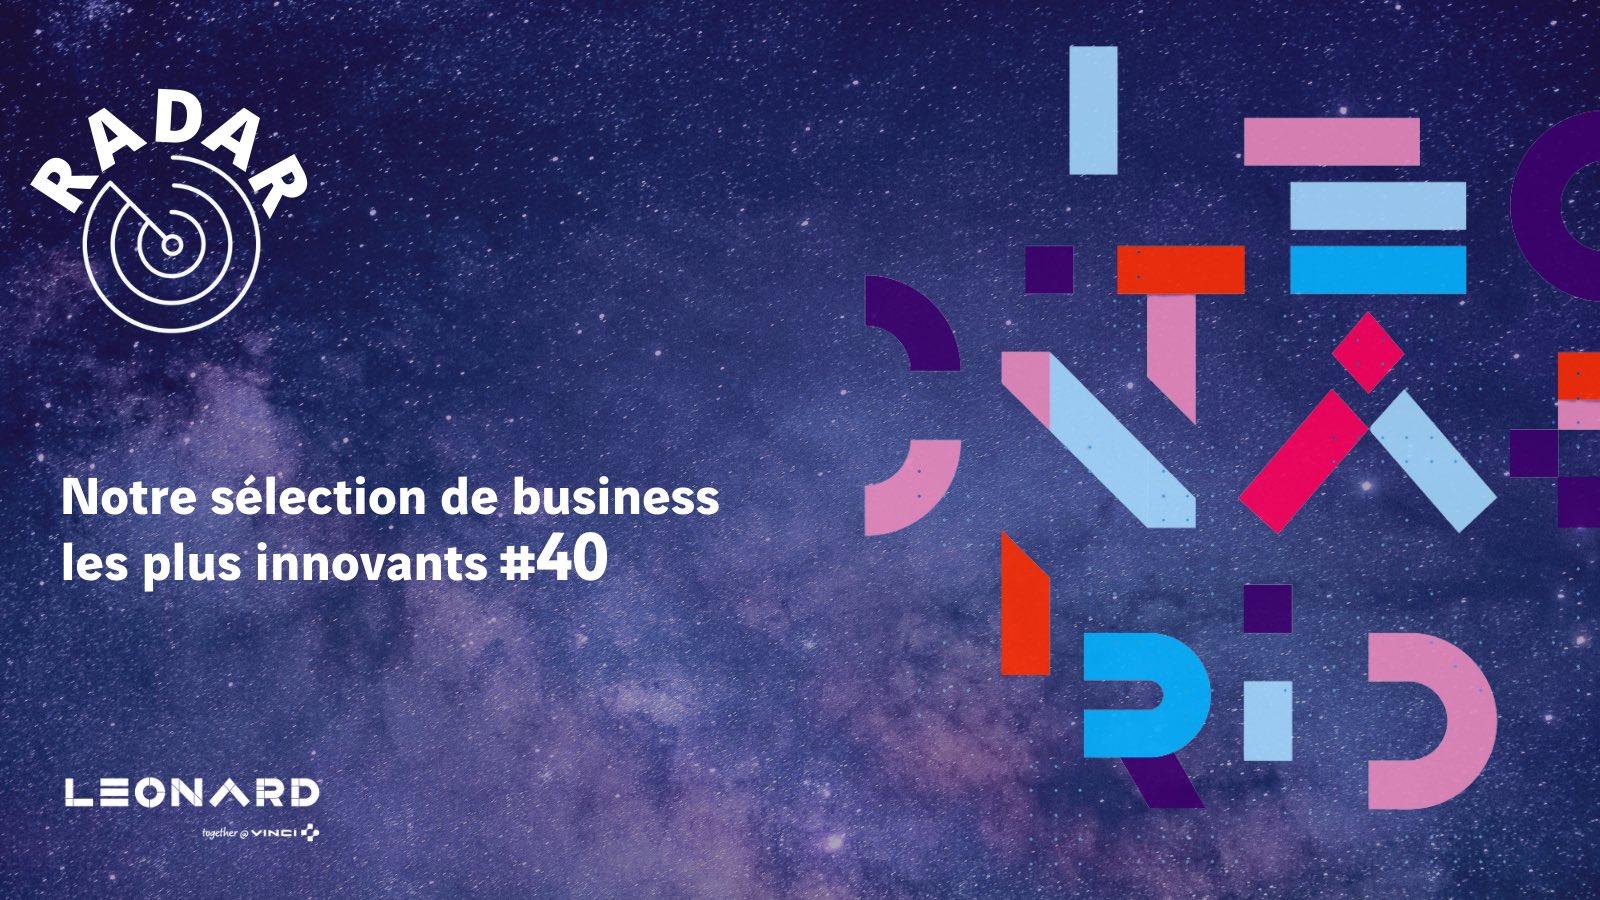 Radar – Notre sélection de business innovants #40